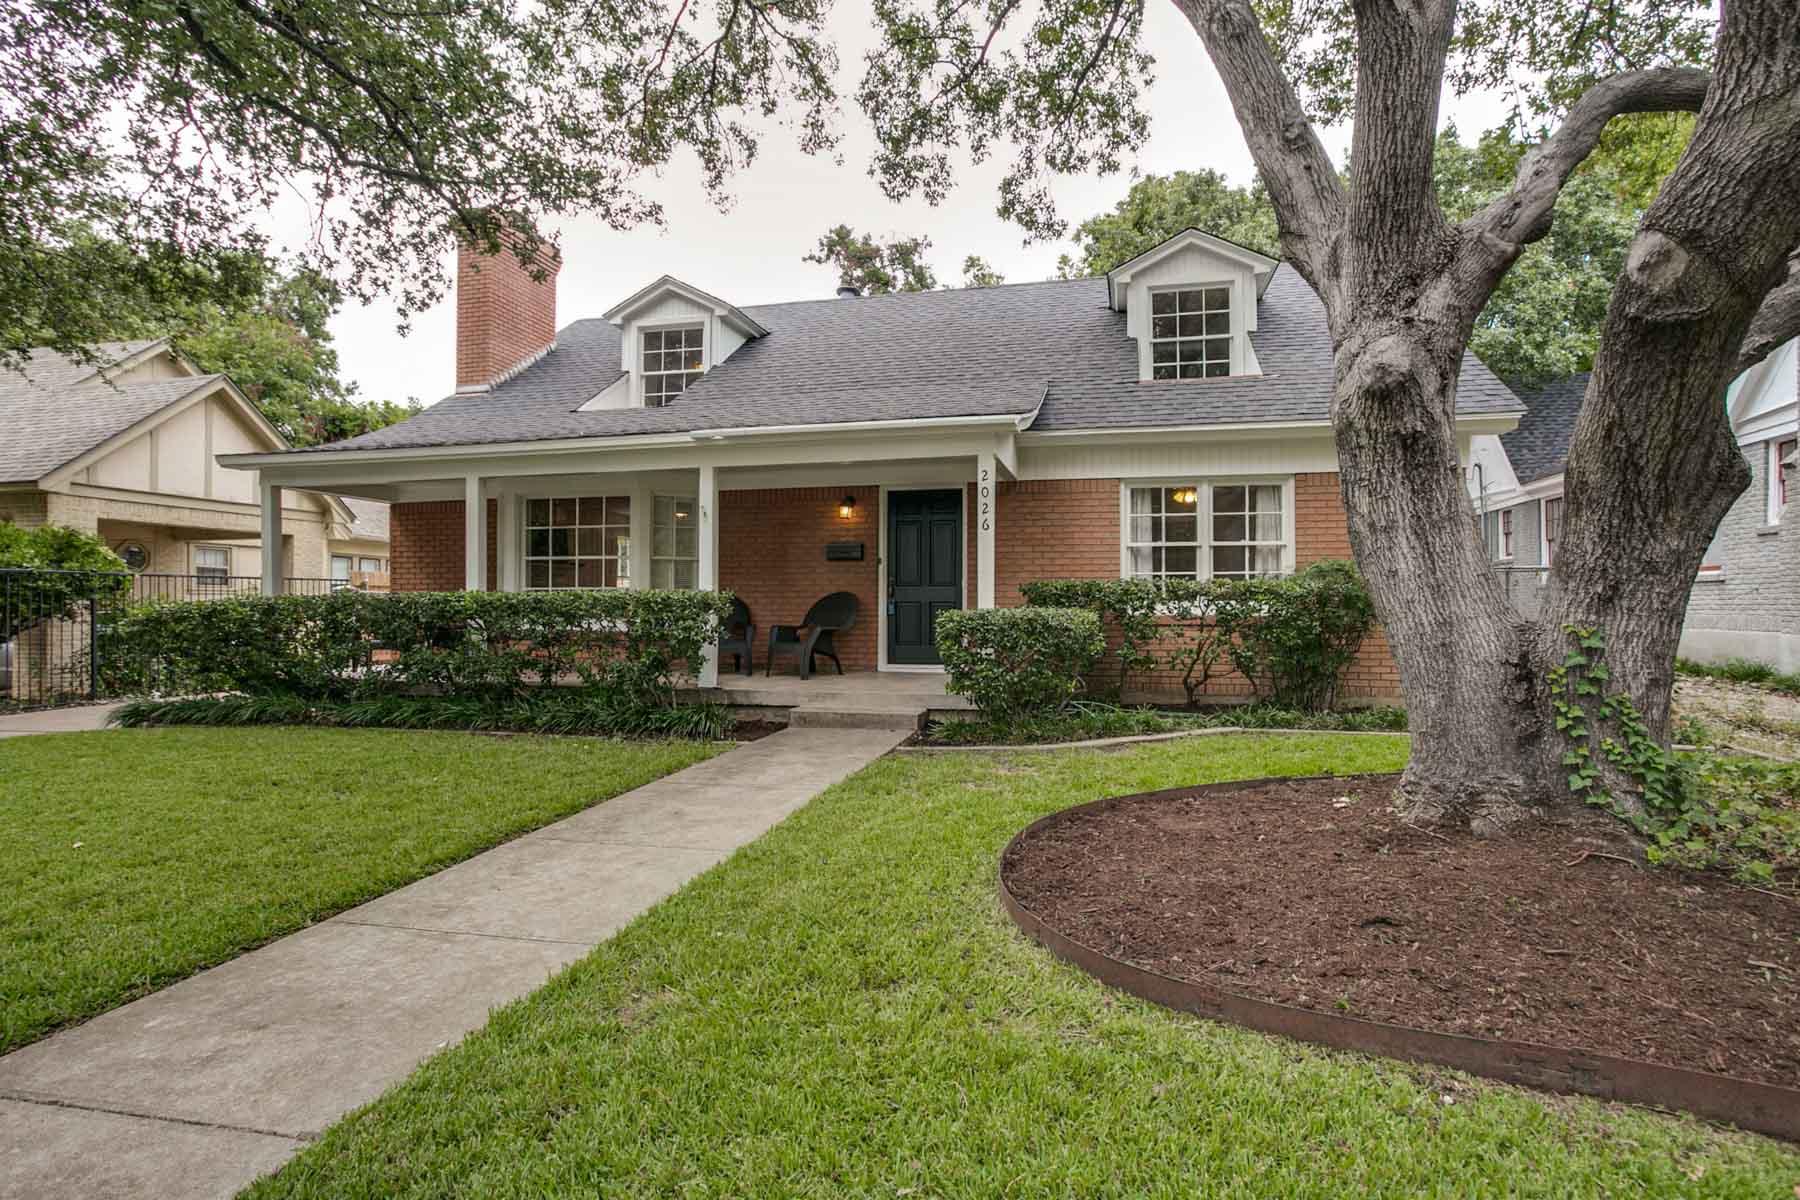 Maison unifamiliale pour l Vente à Berkeley Lily B. Clayton Elementary School 2026 Glenco Terrace Fort Worth, Texas, 76110 États-Unis